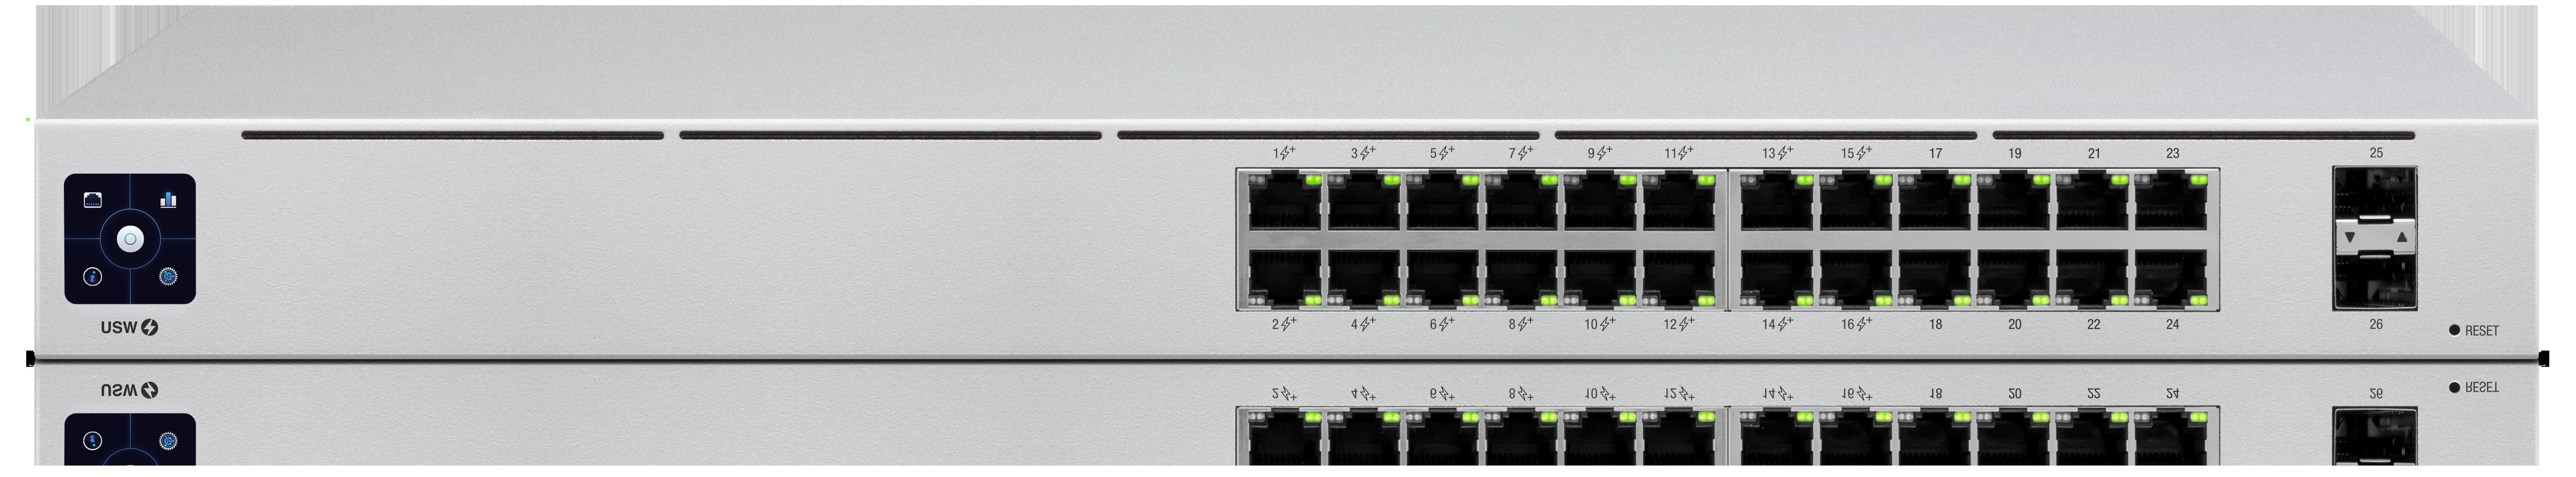 USW-PRO-24-POE Unifi Switch POE+ Gigabit Swich 24 Port 2xSFP+ 400Watt Gen 2